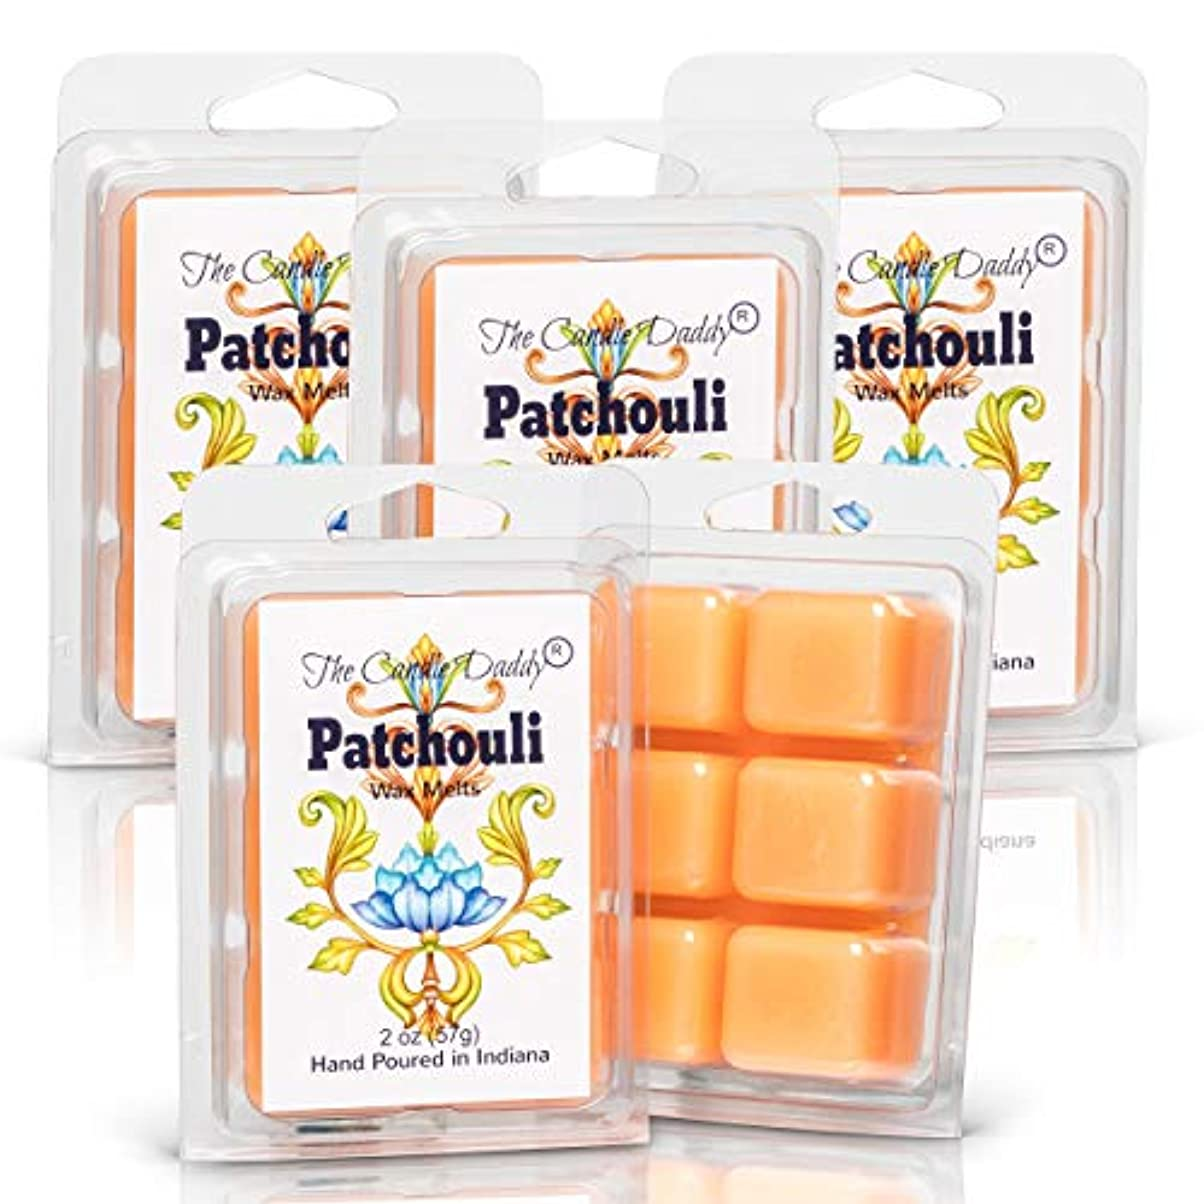 アンペアスキー香水The Candle Daddy Patchouli - 最大香りのワックスキューブ/タルト/メルト- 5パック-10オンス 合計30個